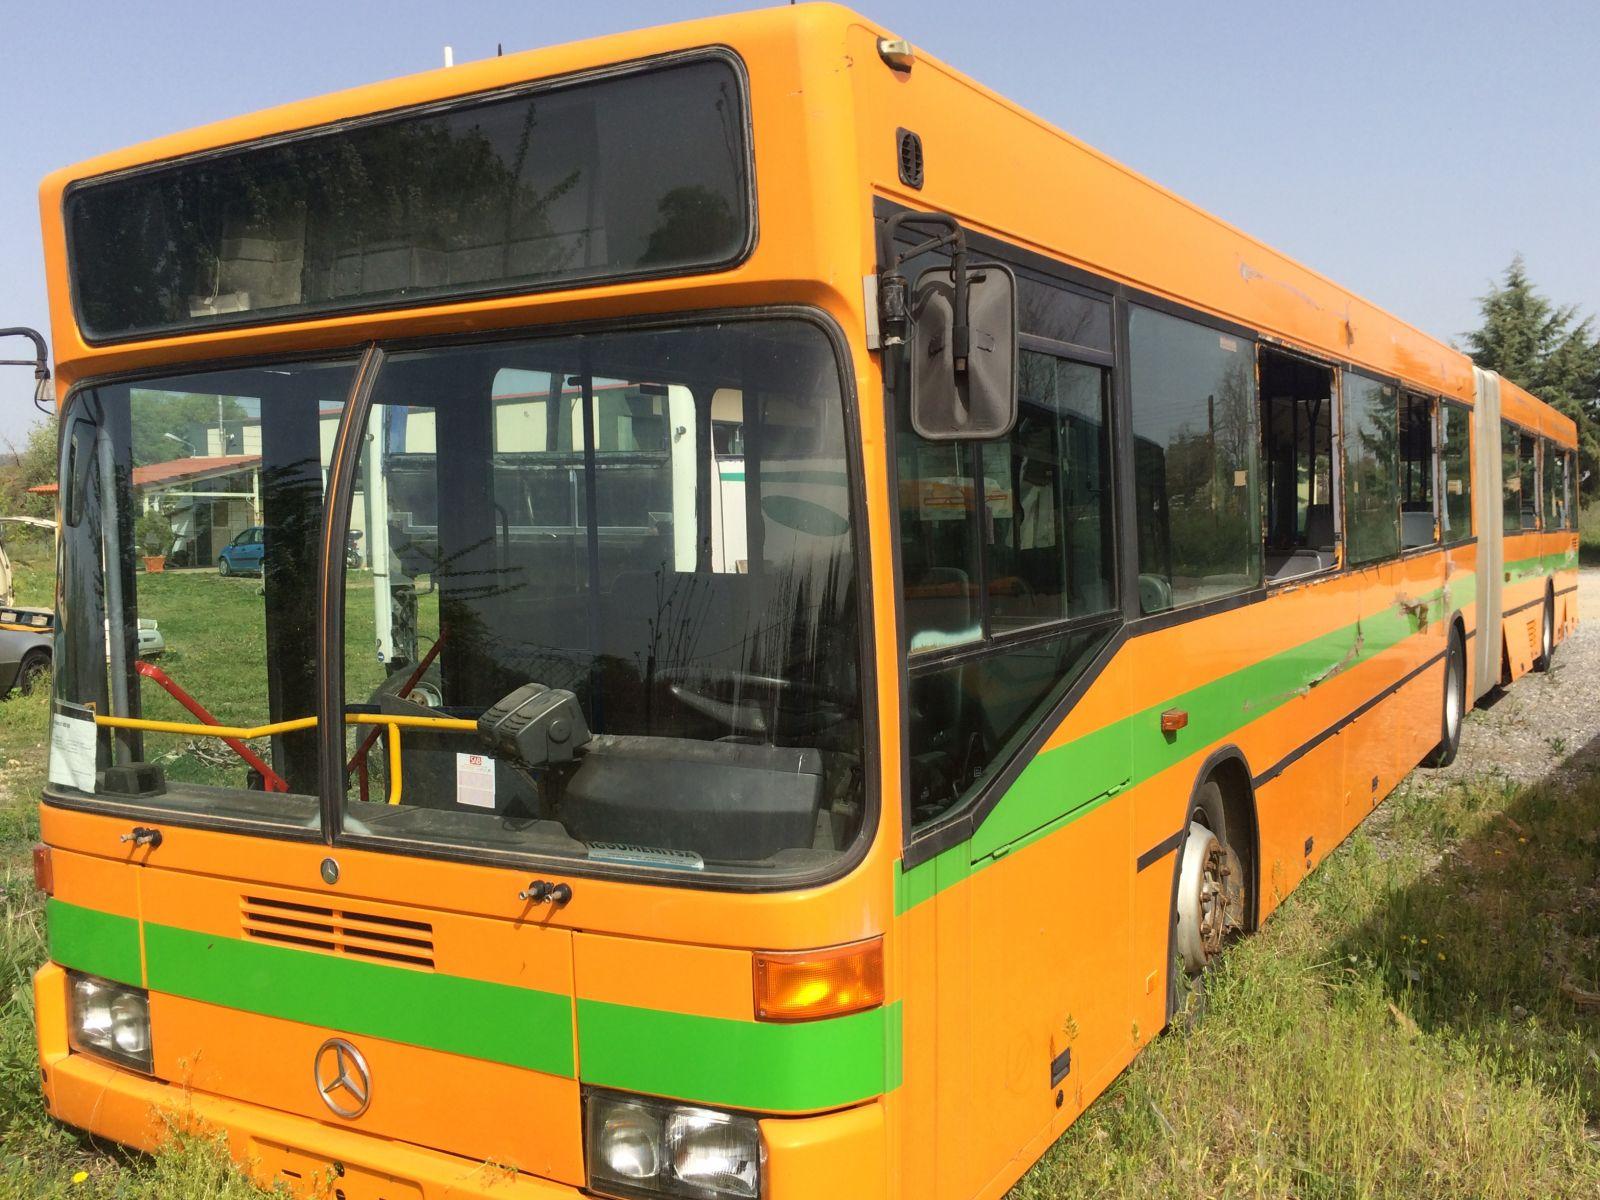 Λεωφορεία προς διάλυση (αμαξώματα, φτερά ,τραβέρσες,λαμαρίνες)